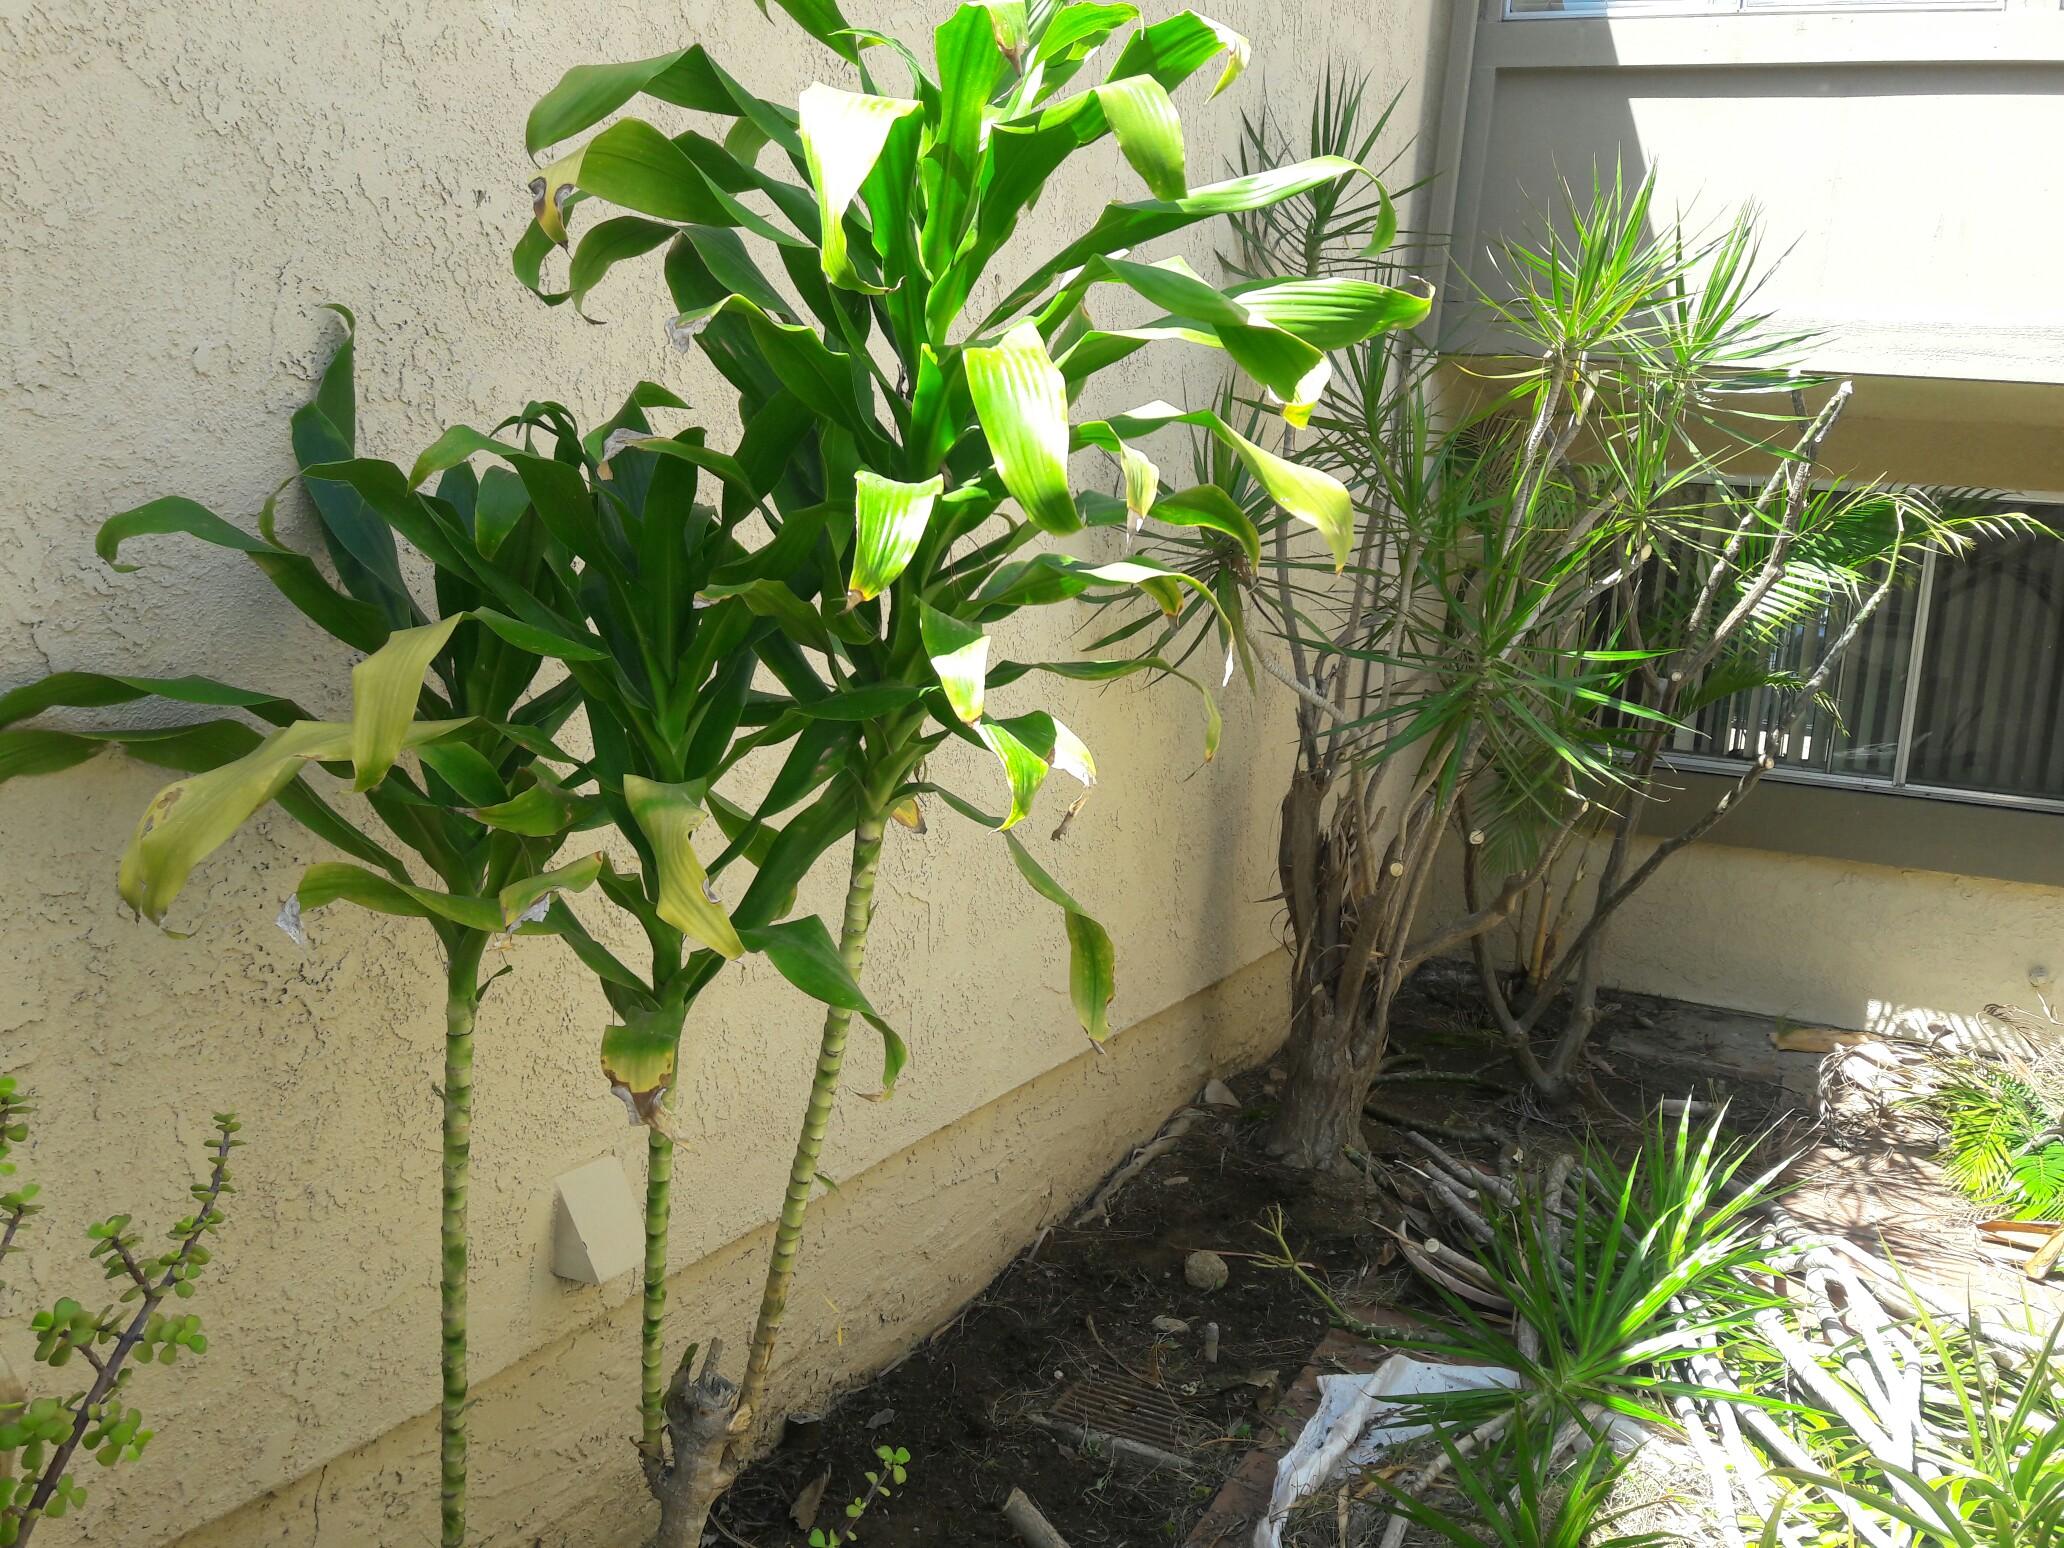 Sanchez gardening services anaheim california for Local gardening services